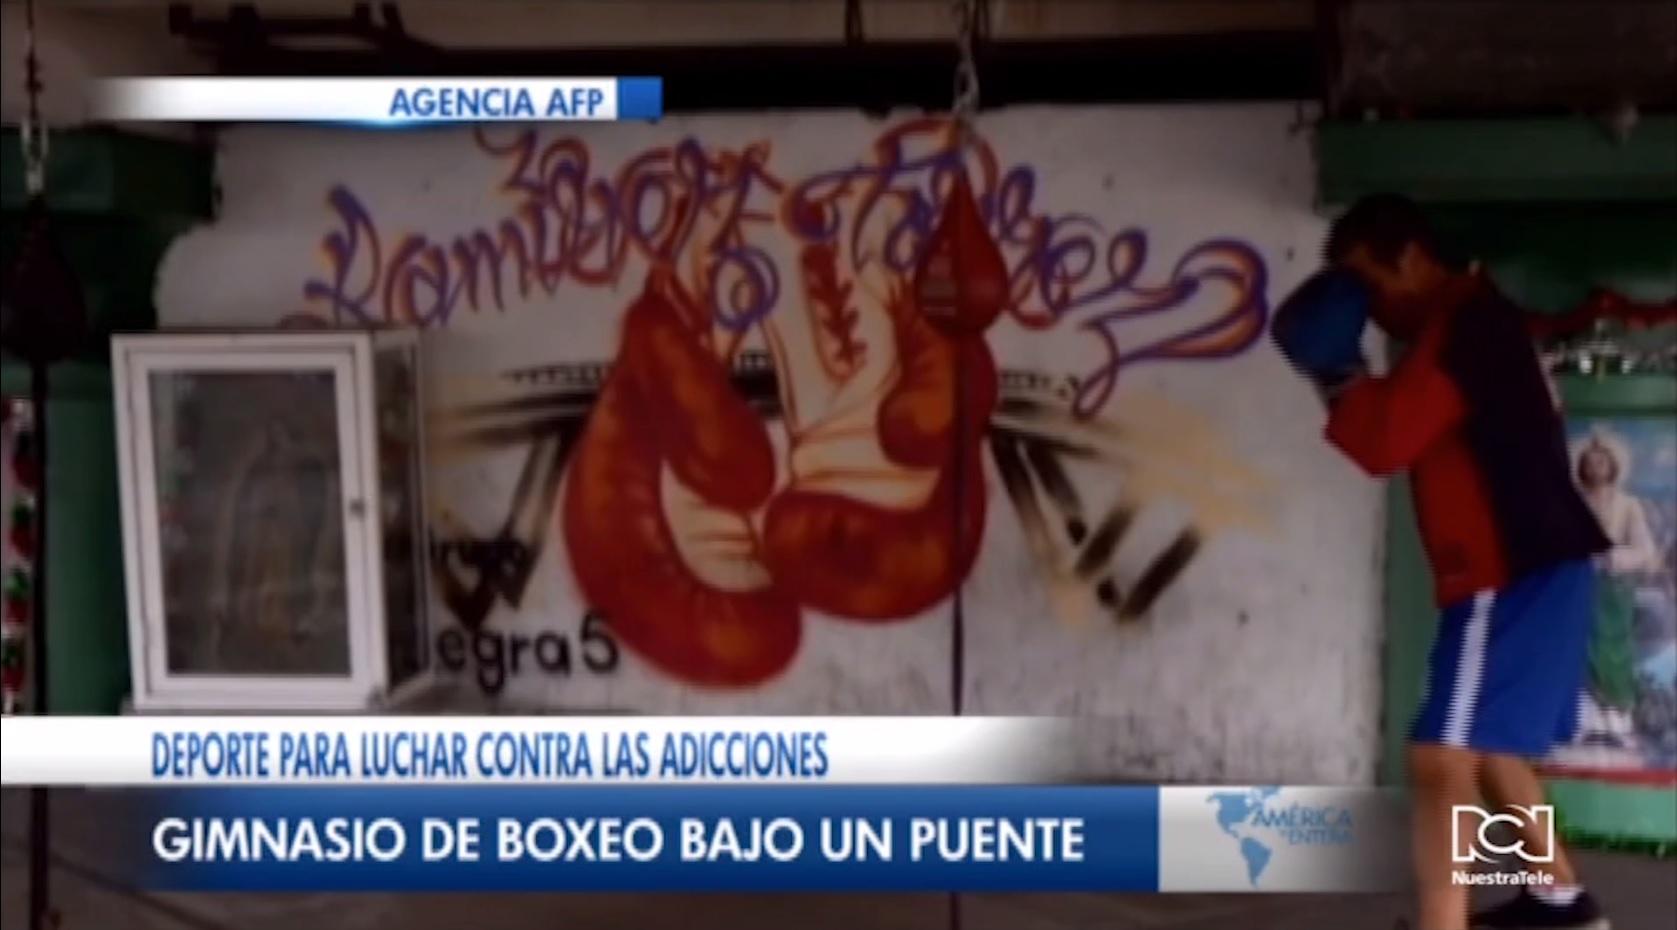 Boxeo como repelente contra la delincuencia